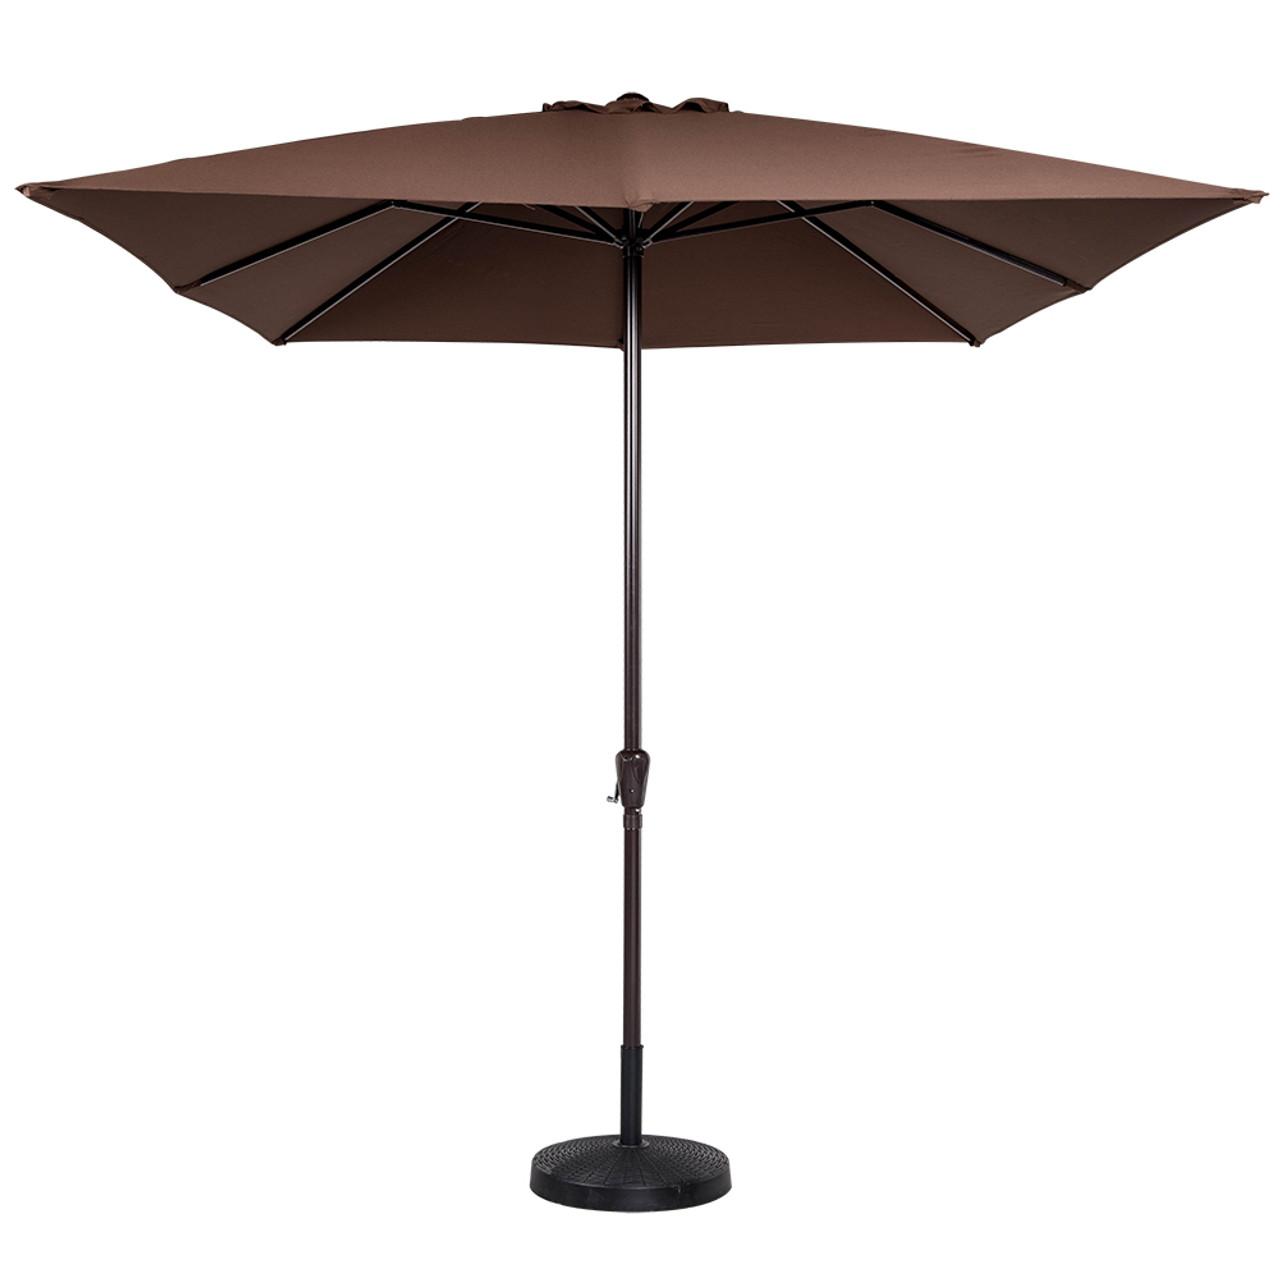 8x11 ft rectangular patio garden outdoor umbrella with crank 220g polyester coffee - Rectangular Patio Umbrella